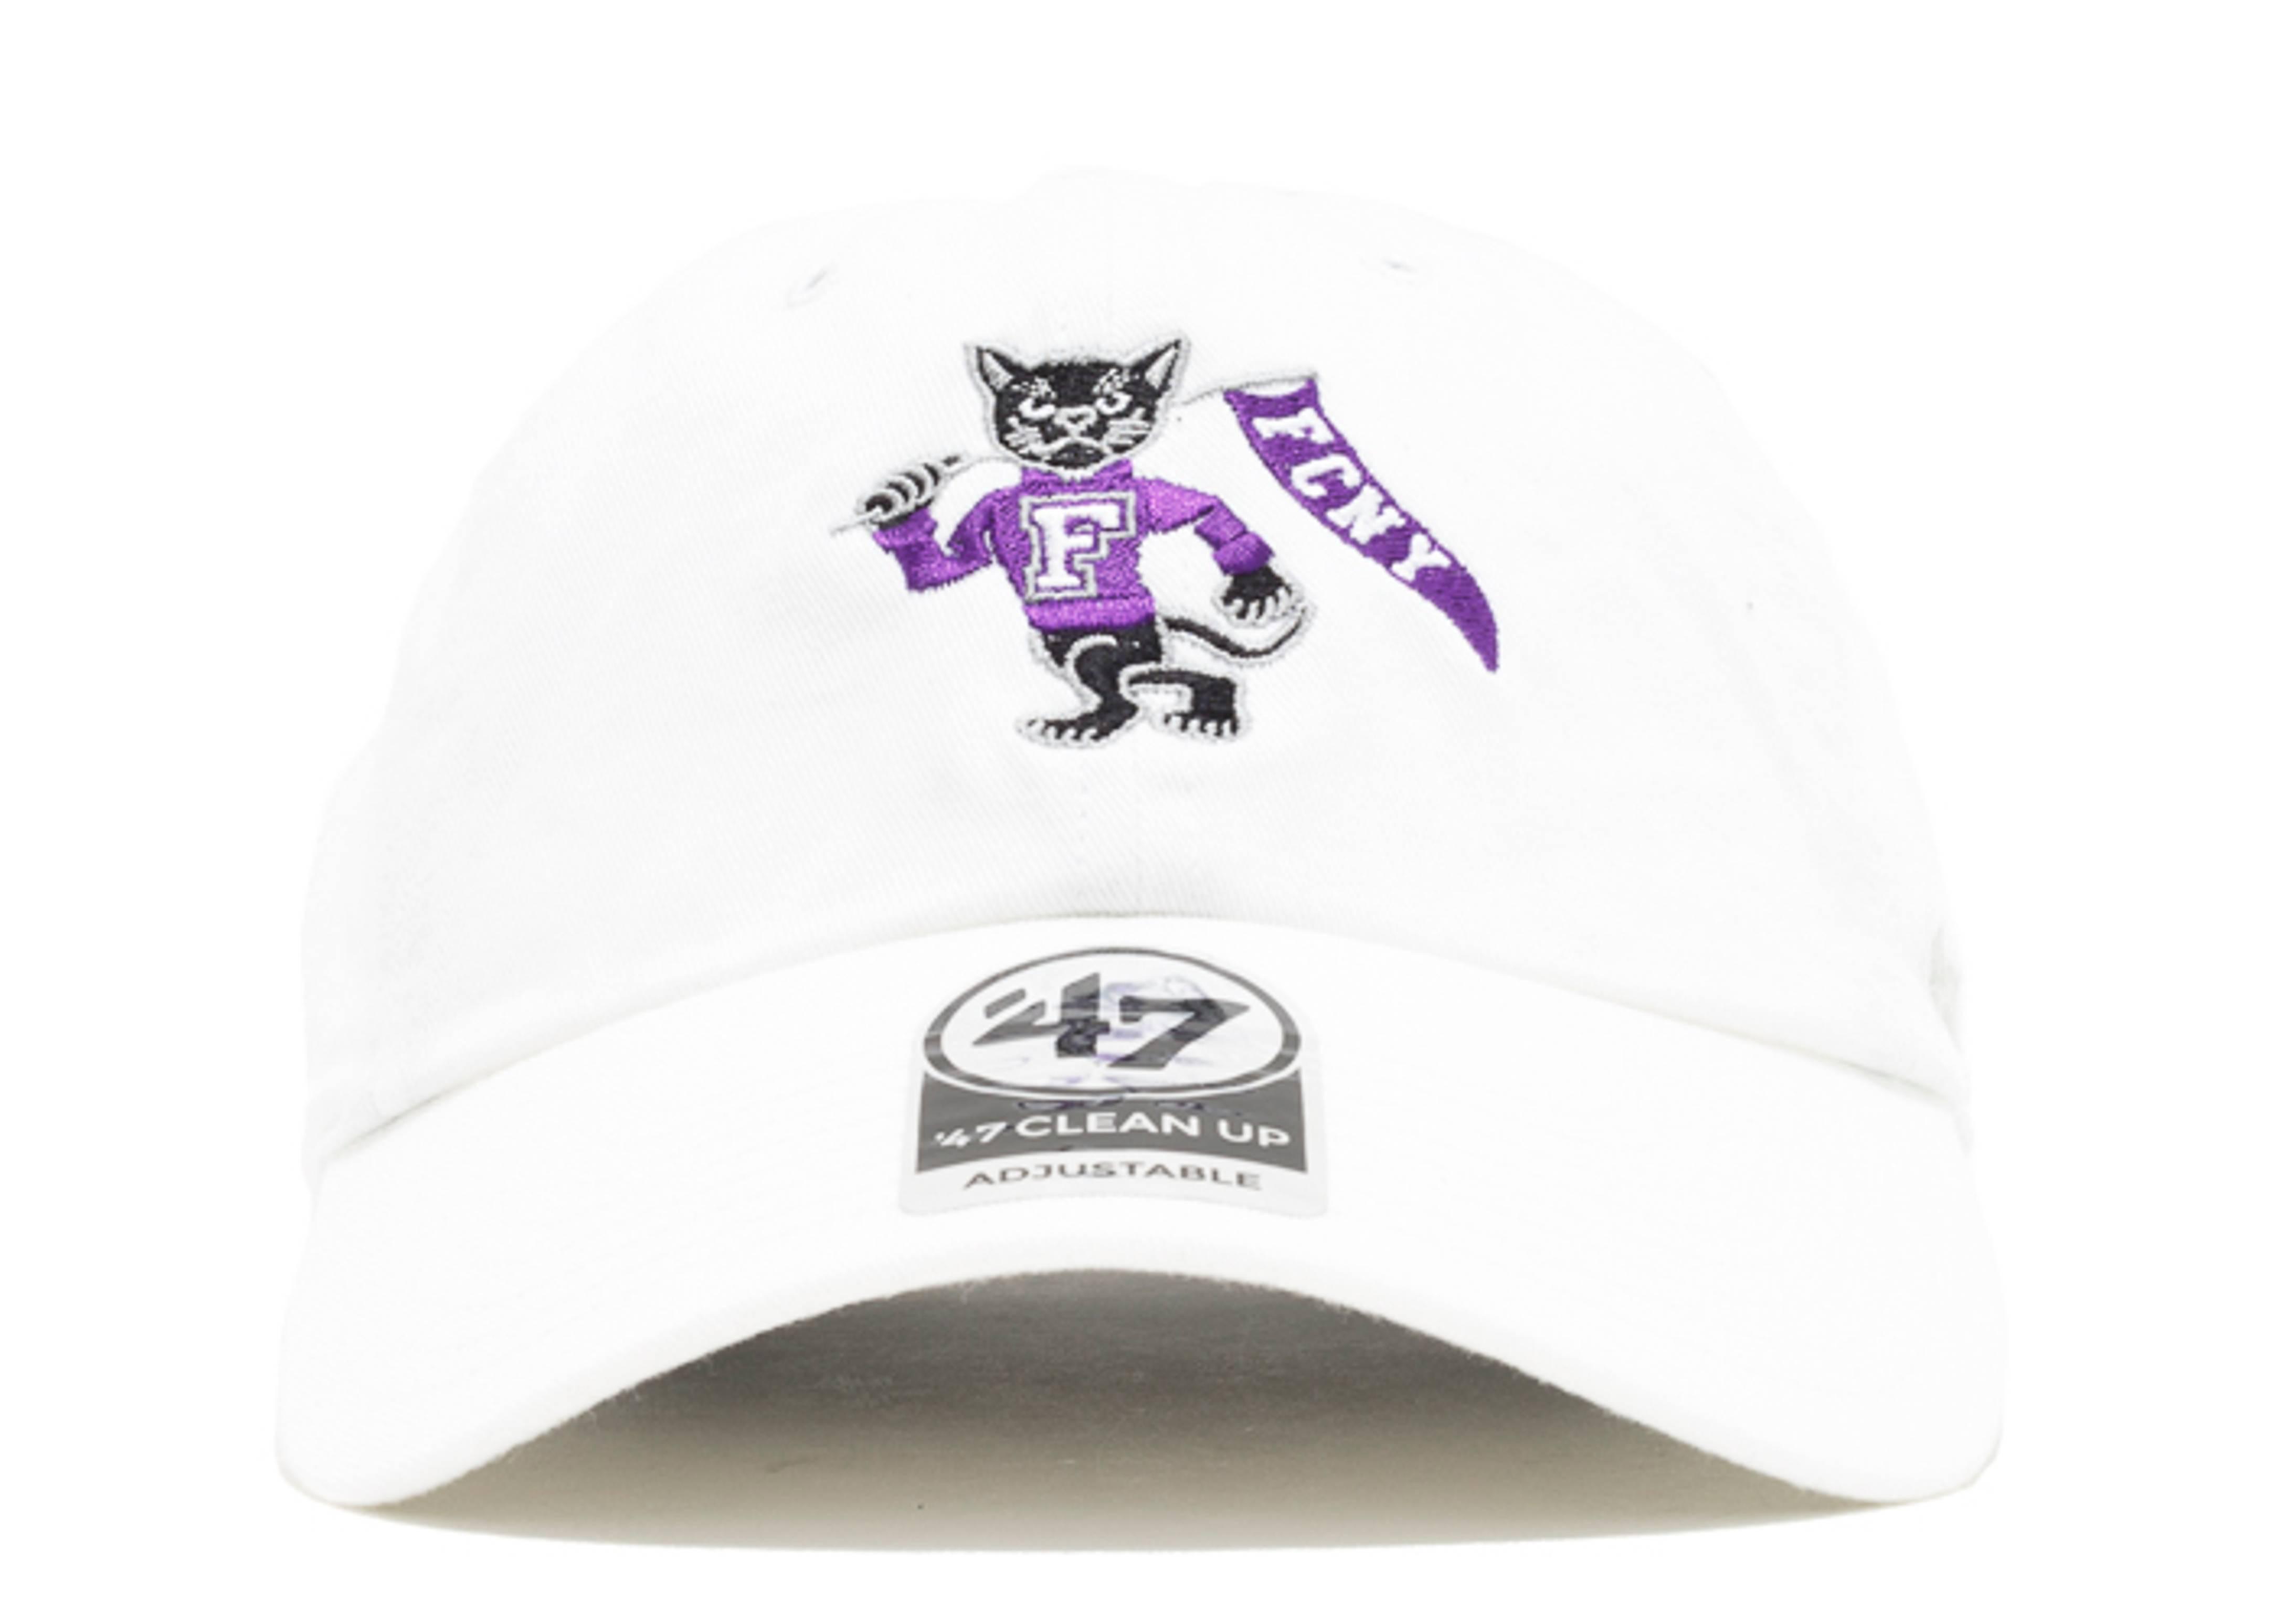 fcny x 47 brand mascot strap-back